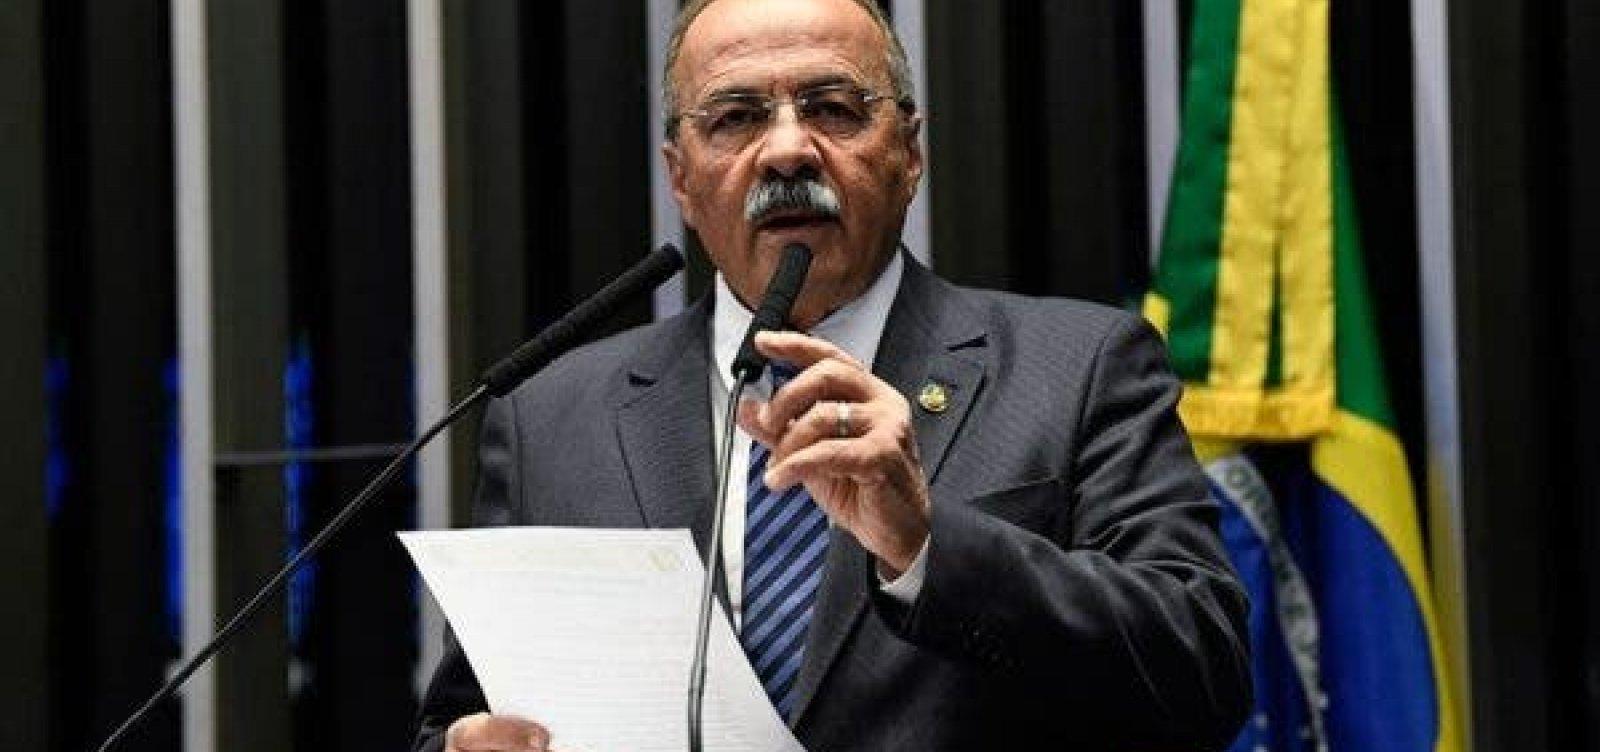 PF achou dinheiro entre as nádegas de vice-líder do governo, diz revista